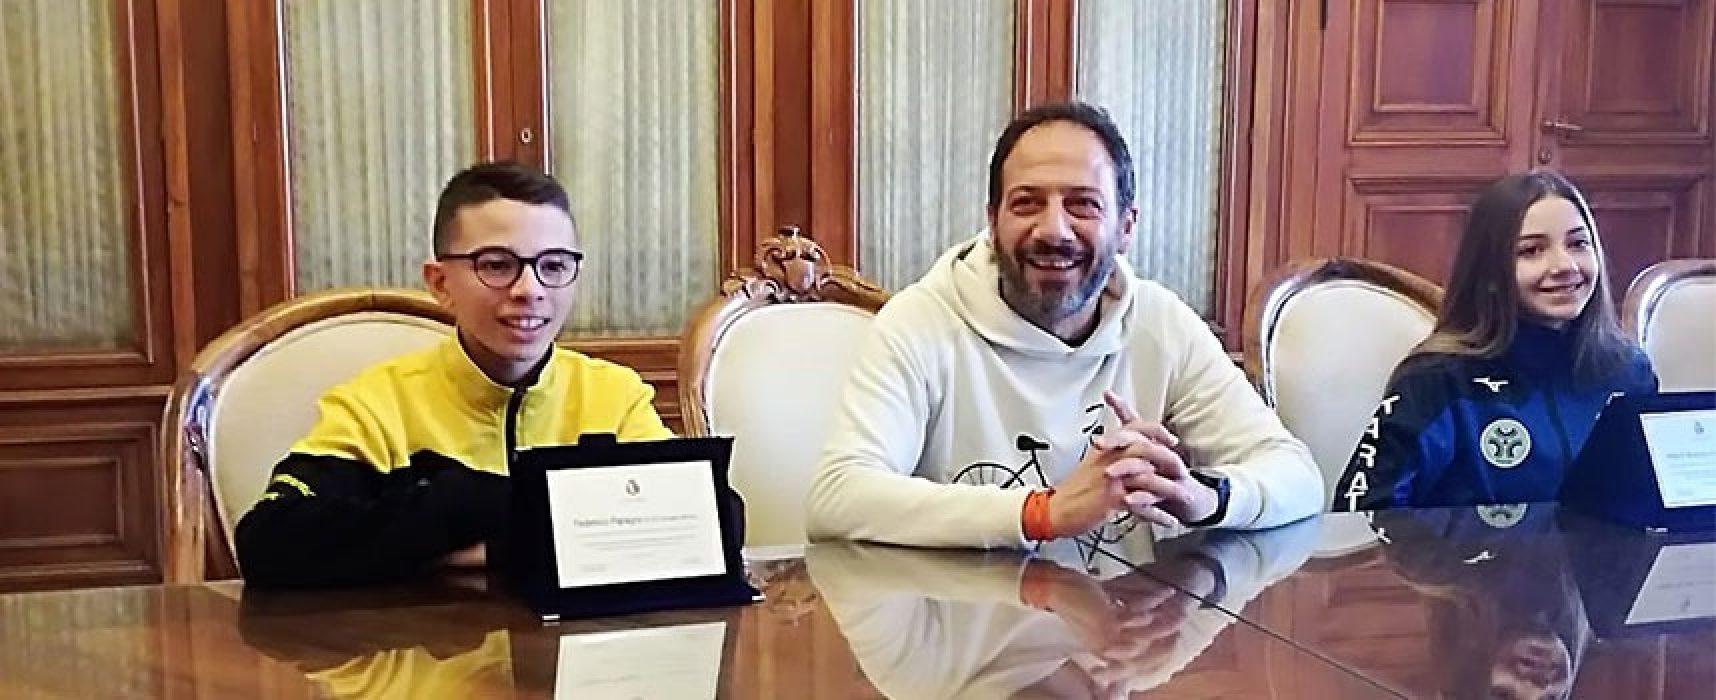 Riconoscimento dal Comune di Bari per il karateka biscegliese Federico Papagni